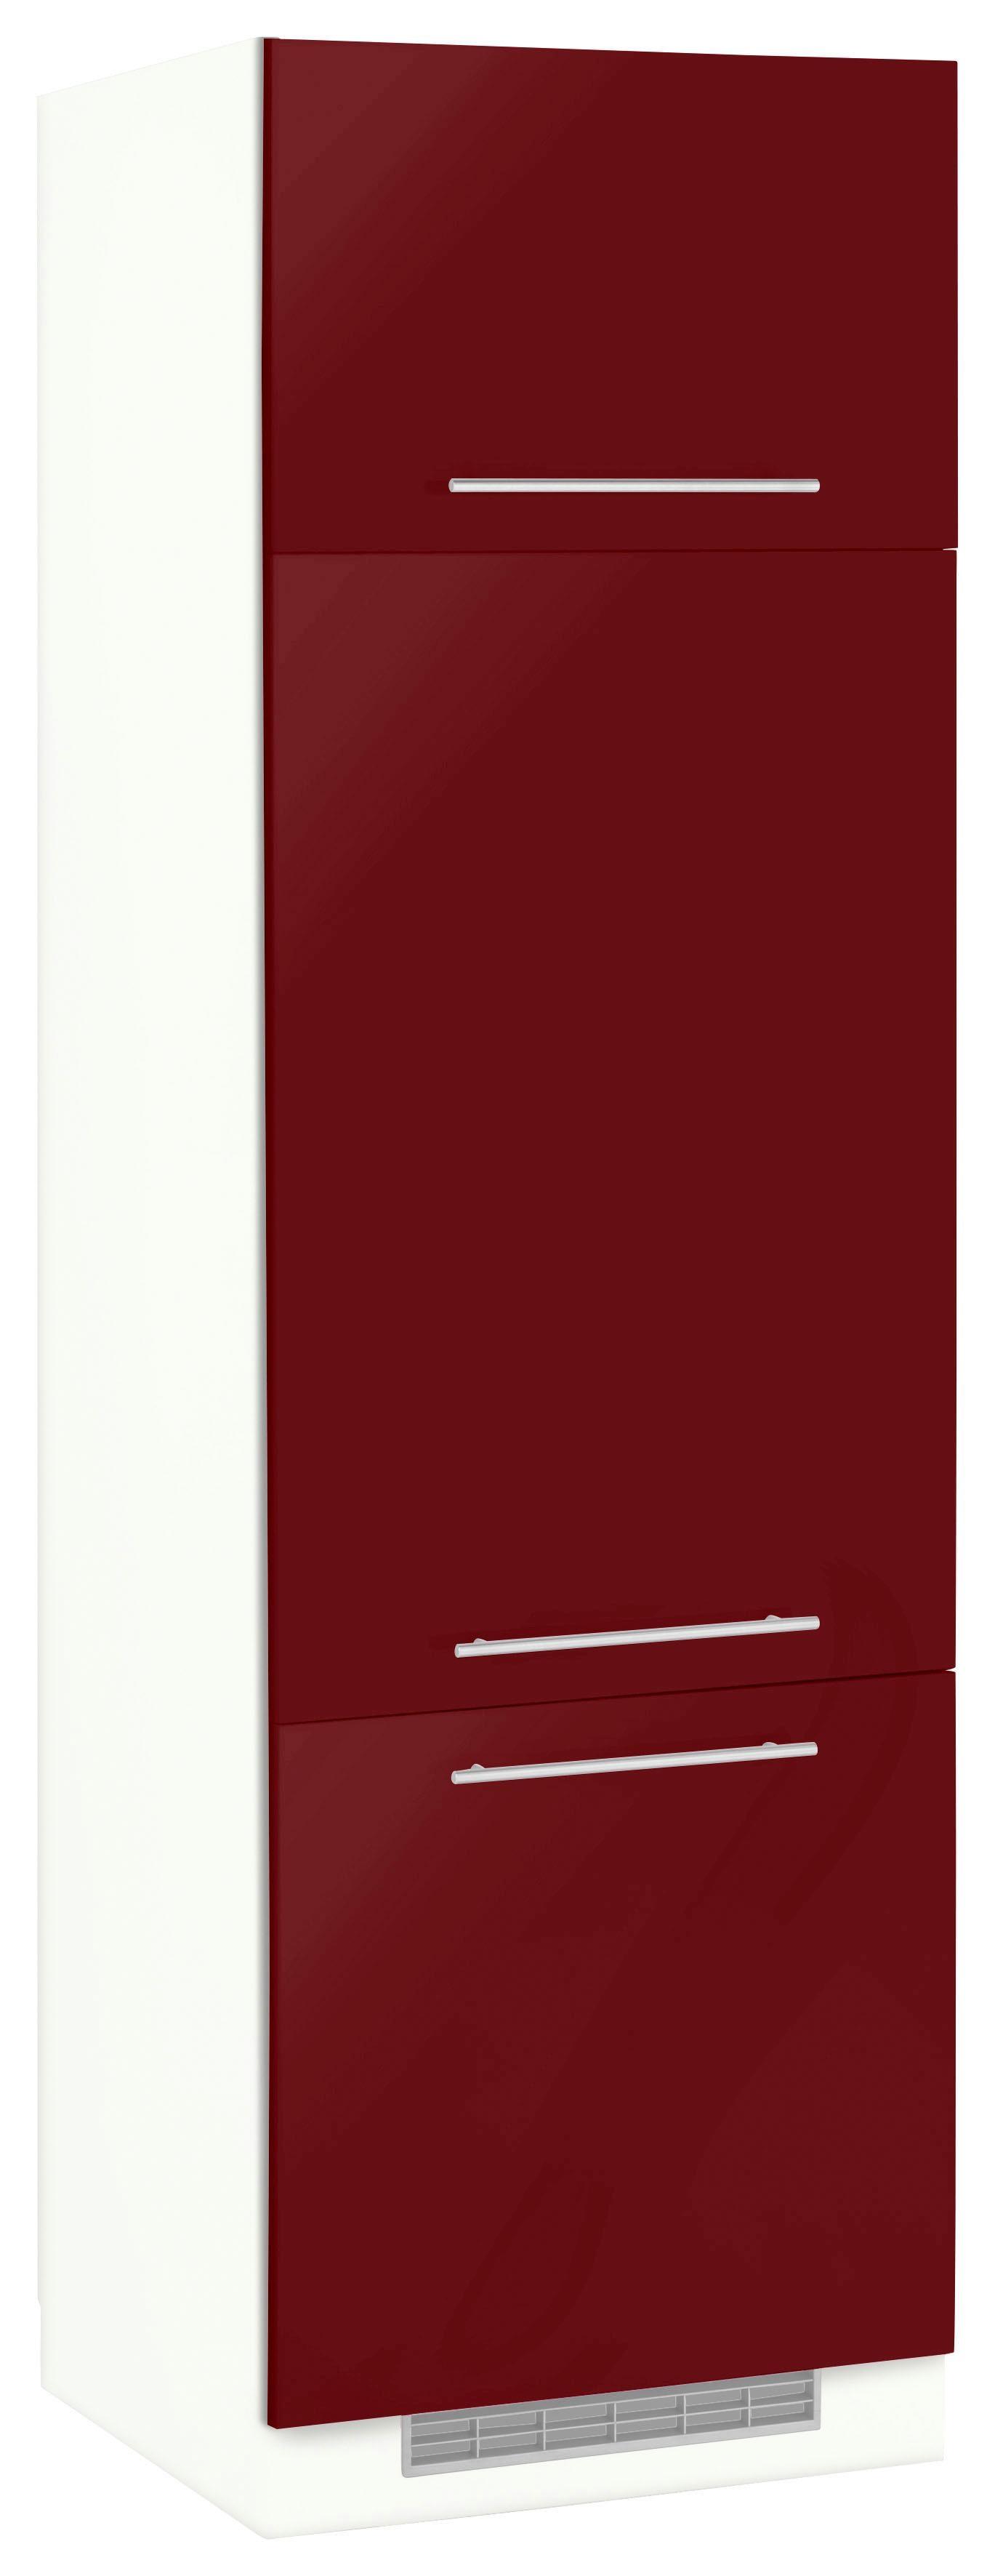 WIHO-Küchen Kühlumbauschrank Flexi2 | Küche und Esszimmer > Küchenschränke > Umbauschränke | Rot | Melamin | Wiho Küchen